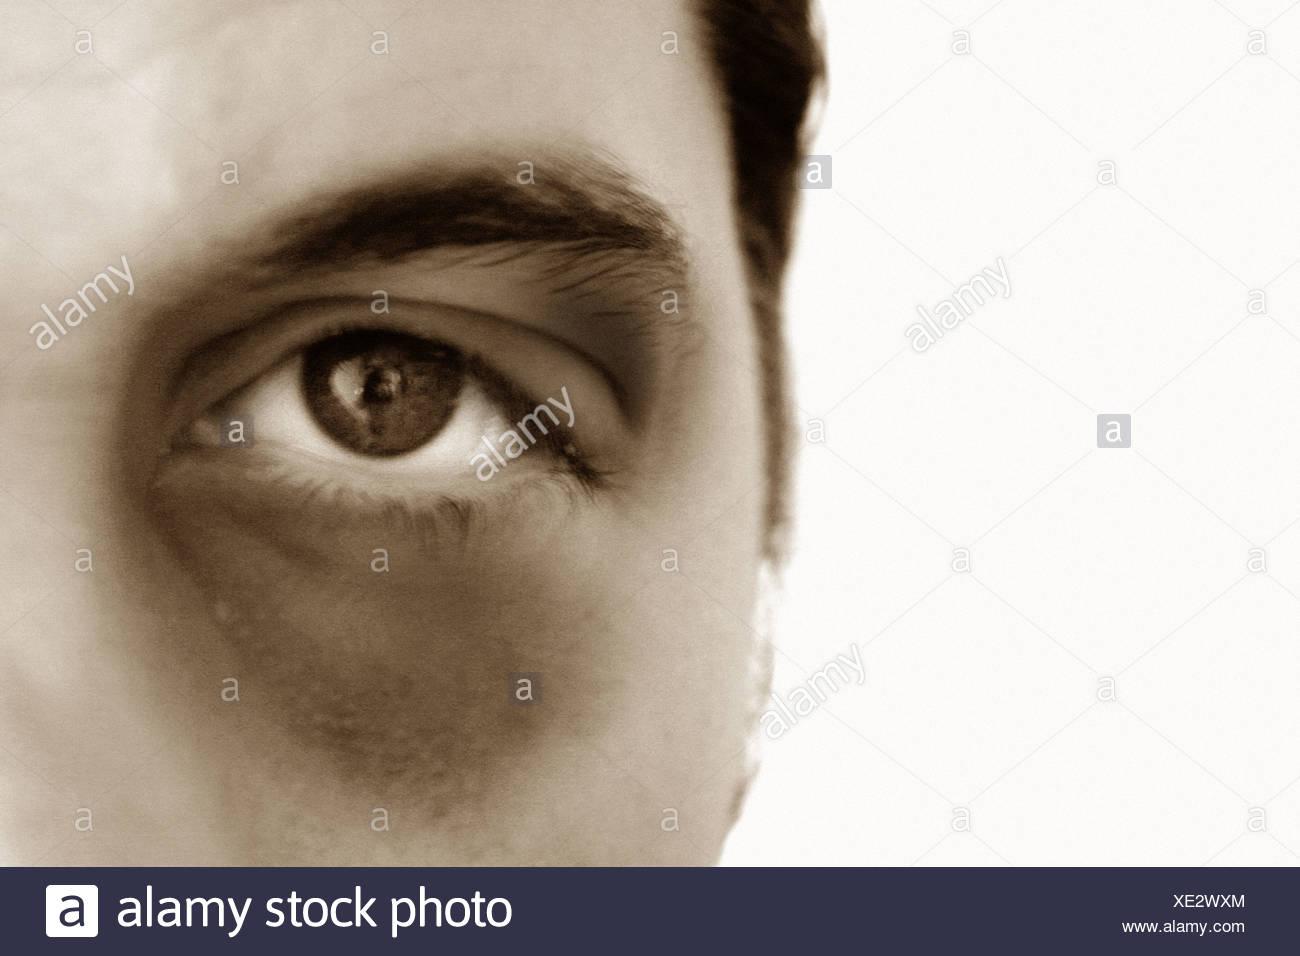 blackeye - Stock Image